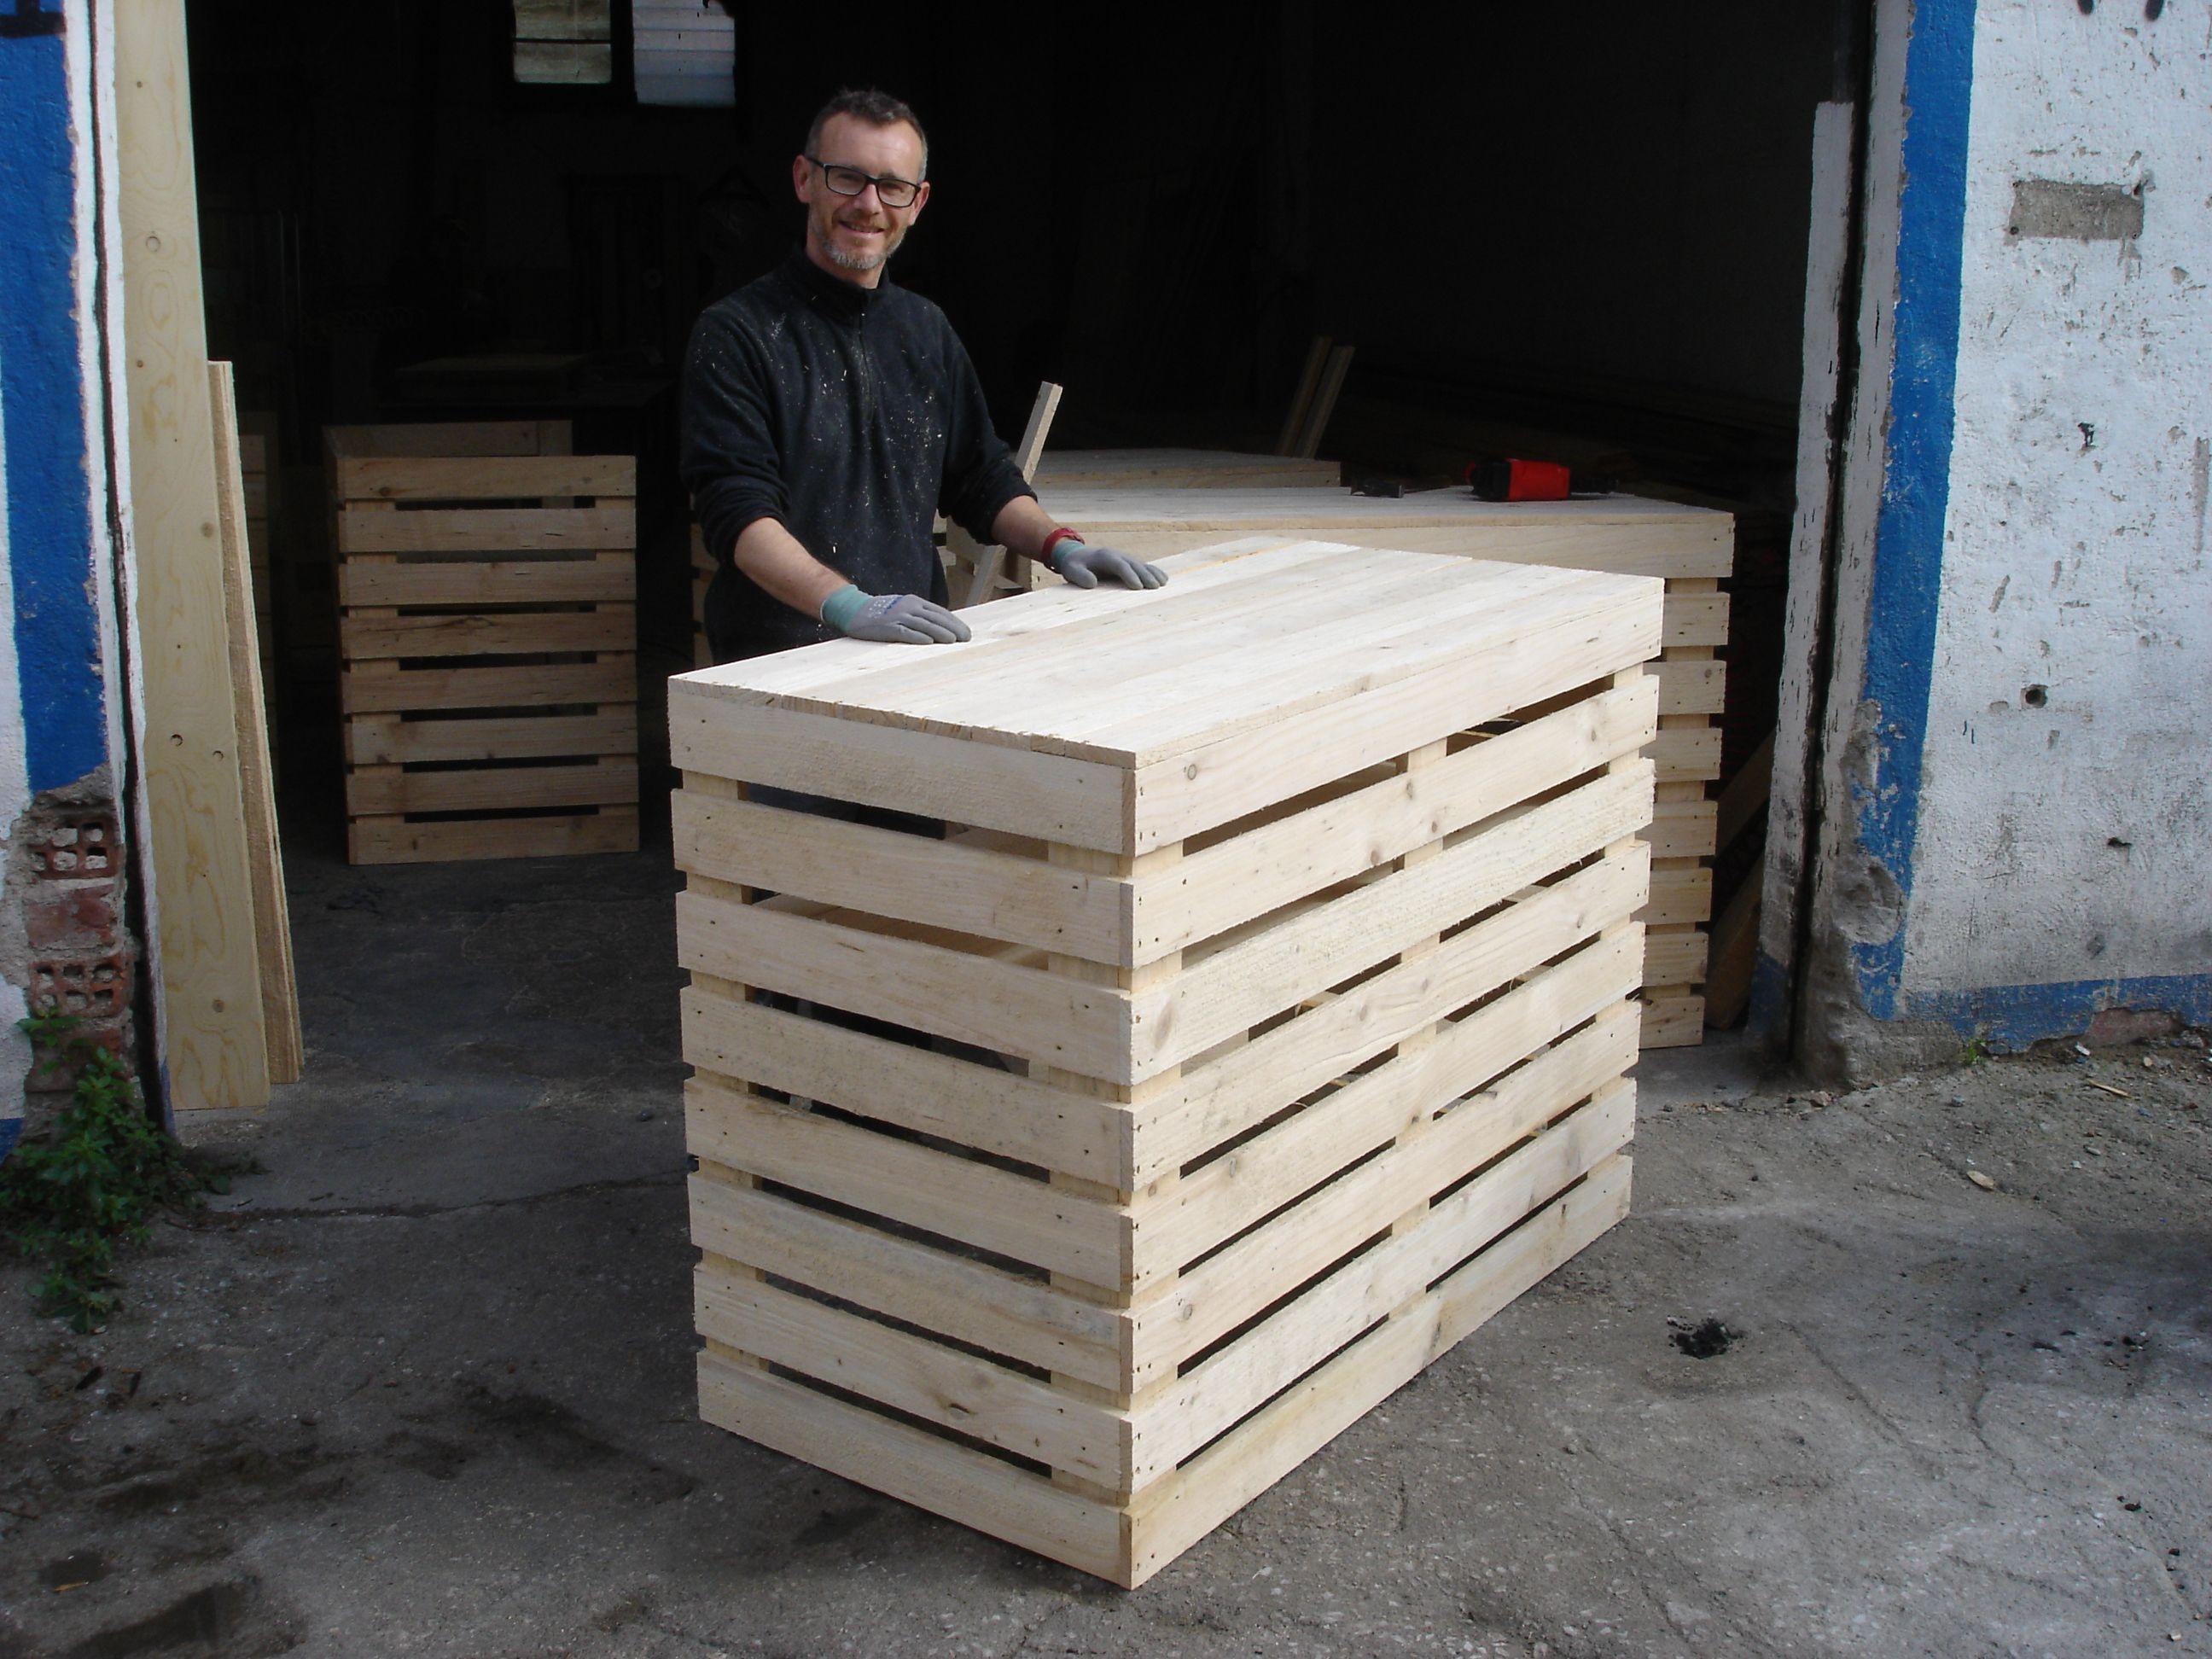 Mostrador hecho con jaulas de madera mostradores y - Mostradores de madera para negocios ...